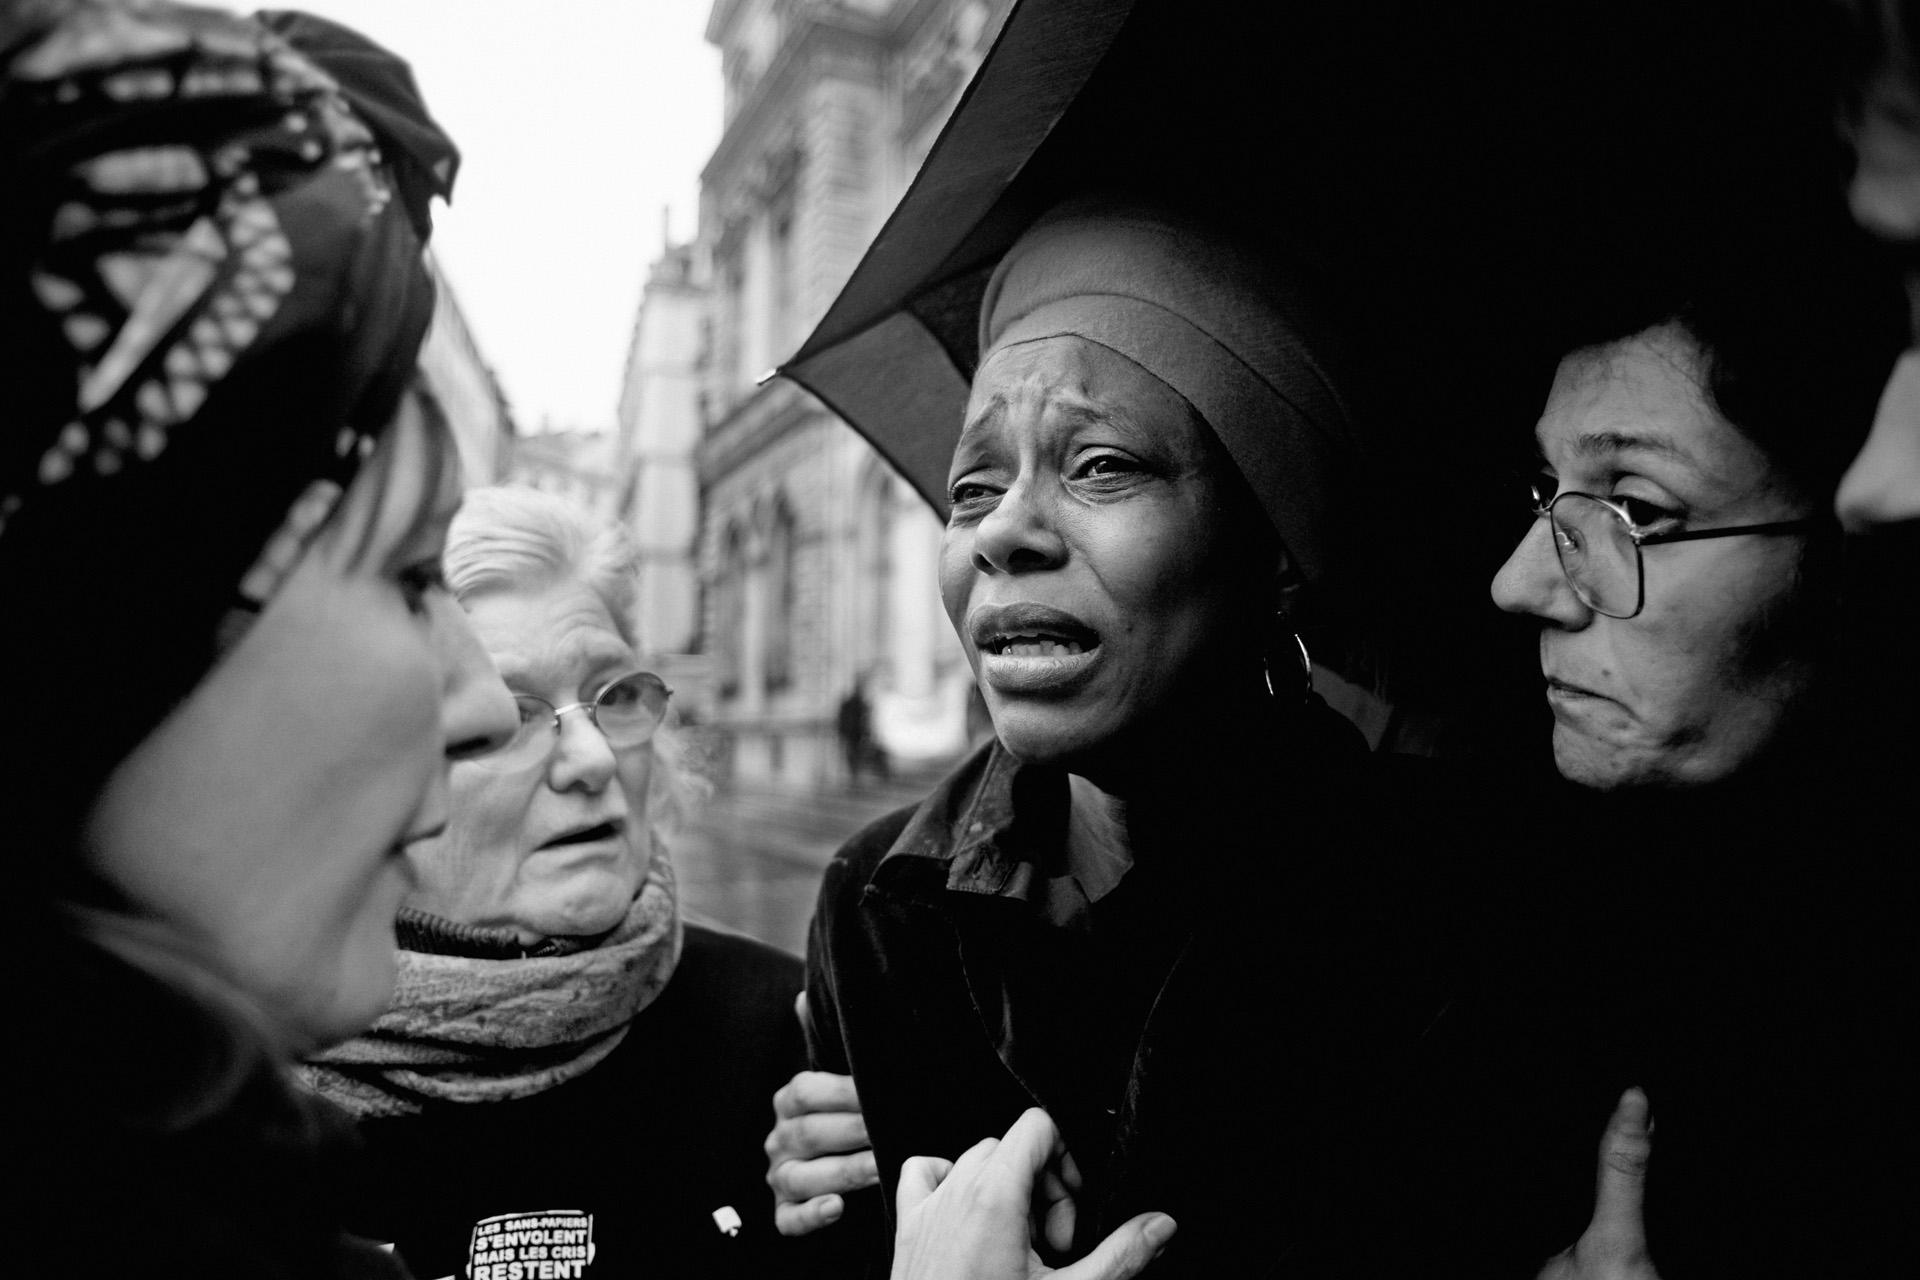 Lyon, le 7 avril 2010. Florence s'effondre lorsqu'elle apprend que Guilherme a été embarqué dans un avion du ministère jusqu'à Roissy. La préfecture craignait une trop forte mobilisation sur un vol au départ de Lyon. À Roissy, le commandant de bord du vol Air France refusera d'embarquer Guilherme entravé et bâillonné.